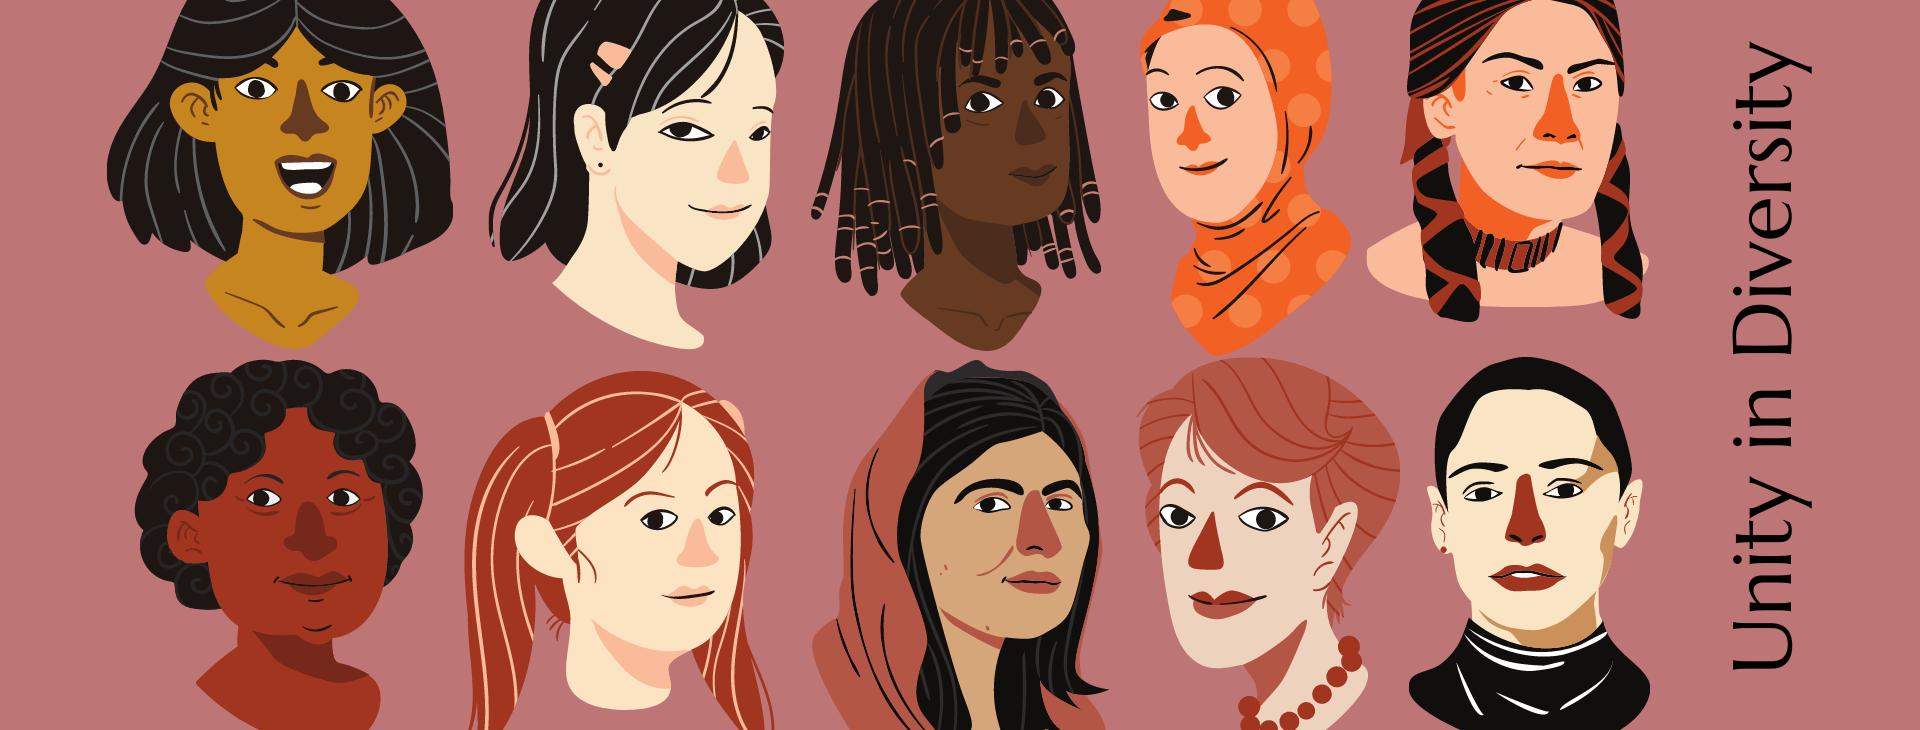 Grafika promująca projekt. Na bordowym tle znajdują się rysowane postacie dziesięciu kobiet o odmiennym pochodzeniu, wieku i kolorze skóry. W prawym dolnym rogu tytuł projektu: Unity in Diversity